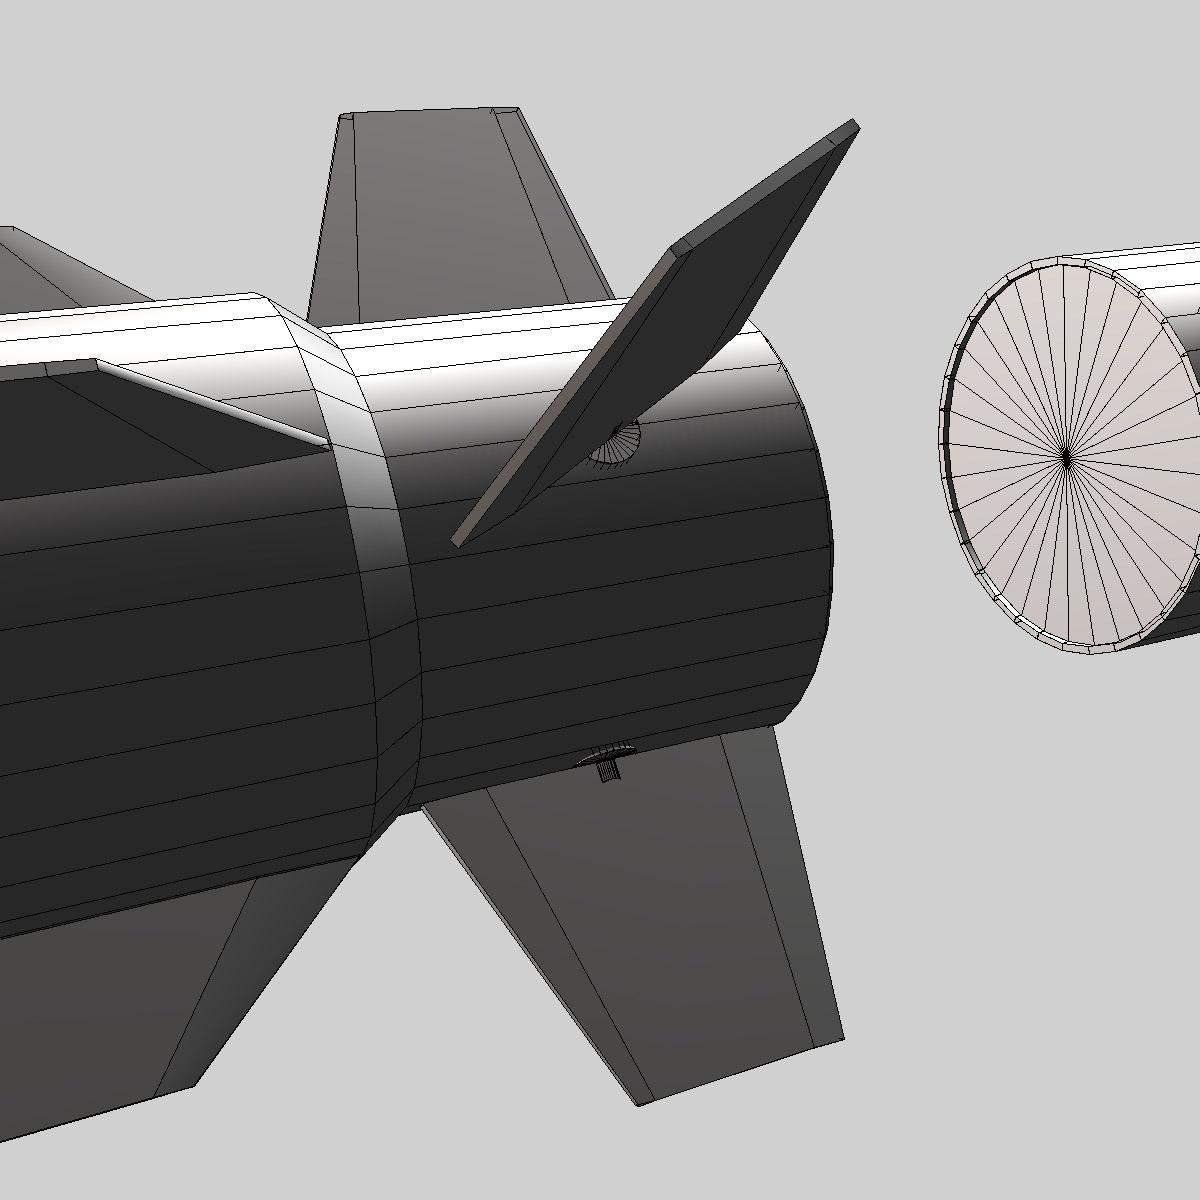 RIM-162 ESSM Missile 3d model 3ds dxf fbx blend cob dae X  obj 166029